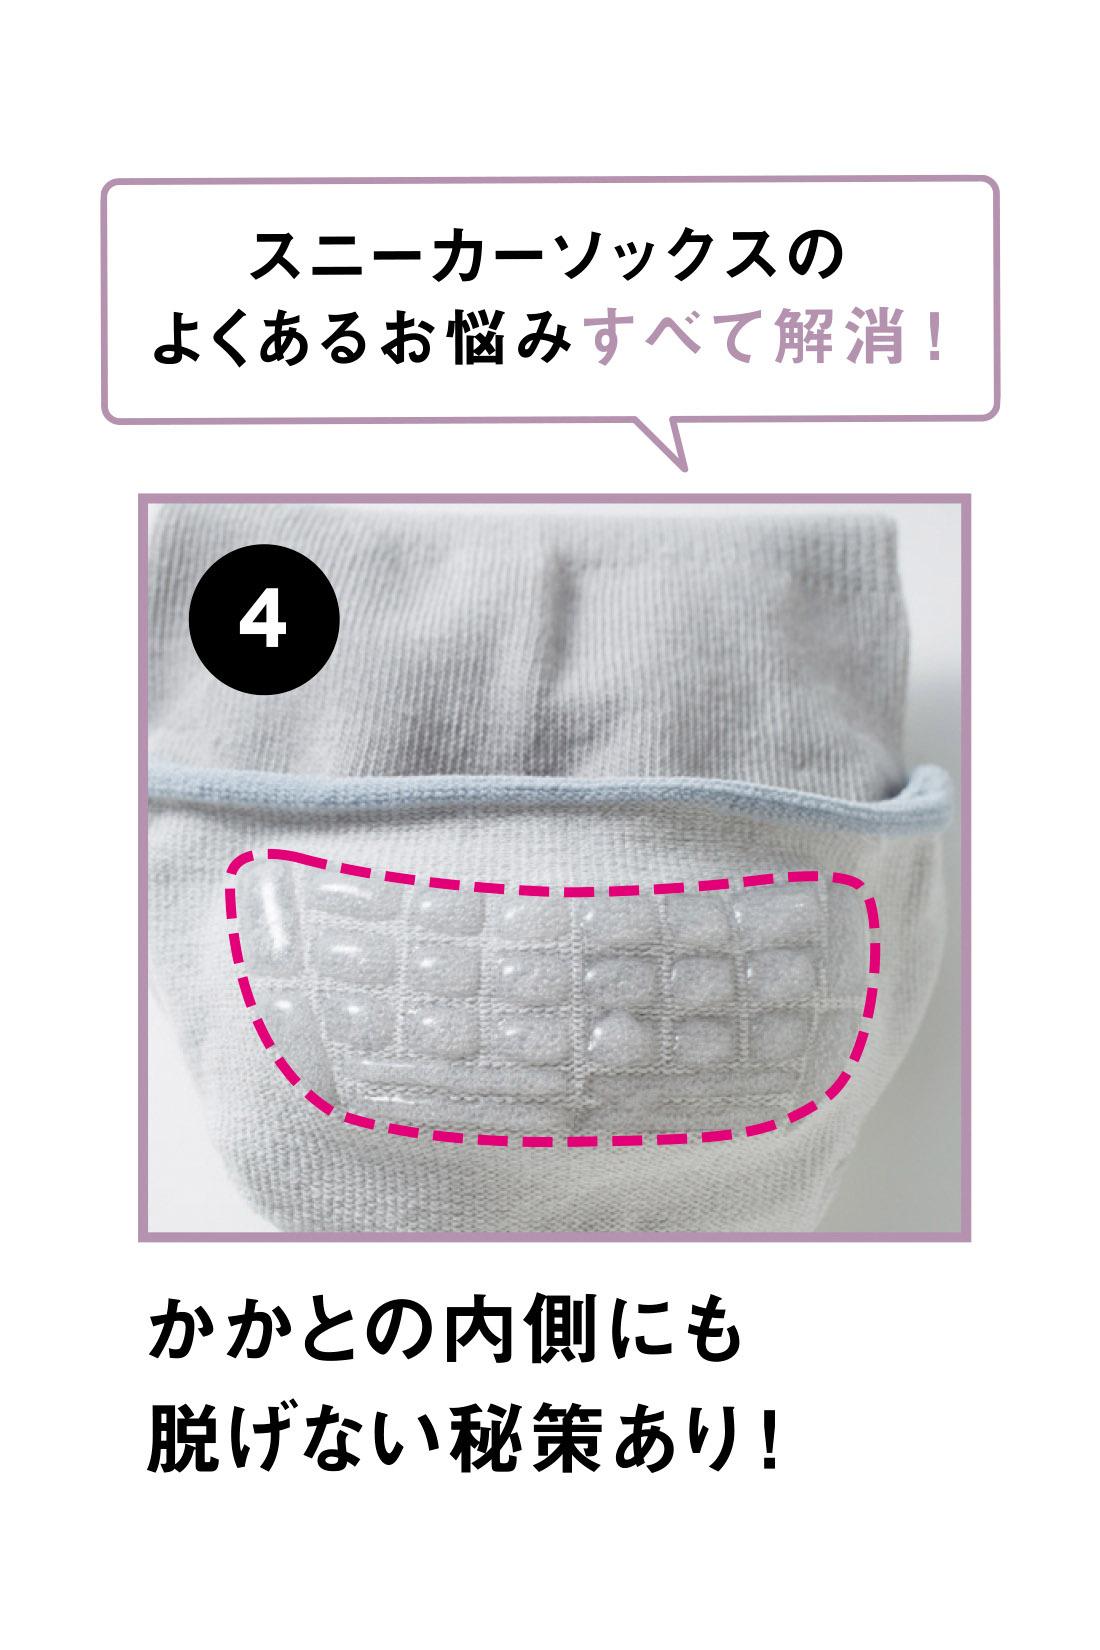 歩くうちにすぽんと脱げやすいかかと部分の内側には、凹凸のある滑り止めをしっかり付けて、徹底的にずれを防止。 ※お届けするカラーとは異なります。